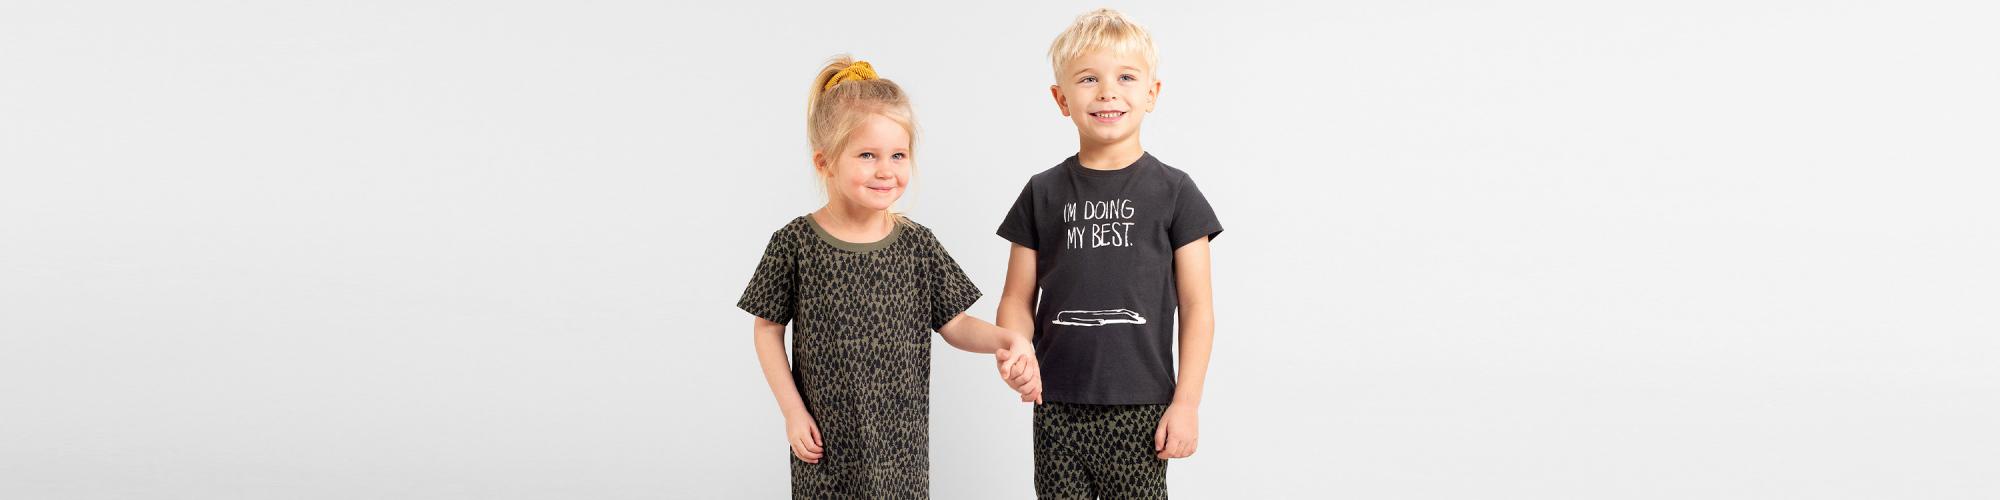 T-shirts för baby och barn